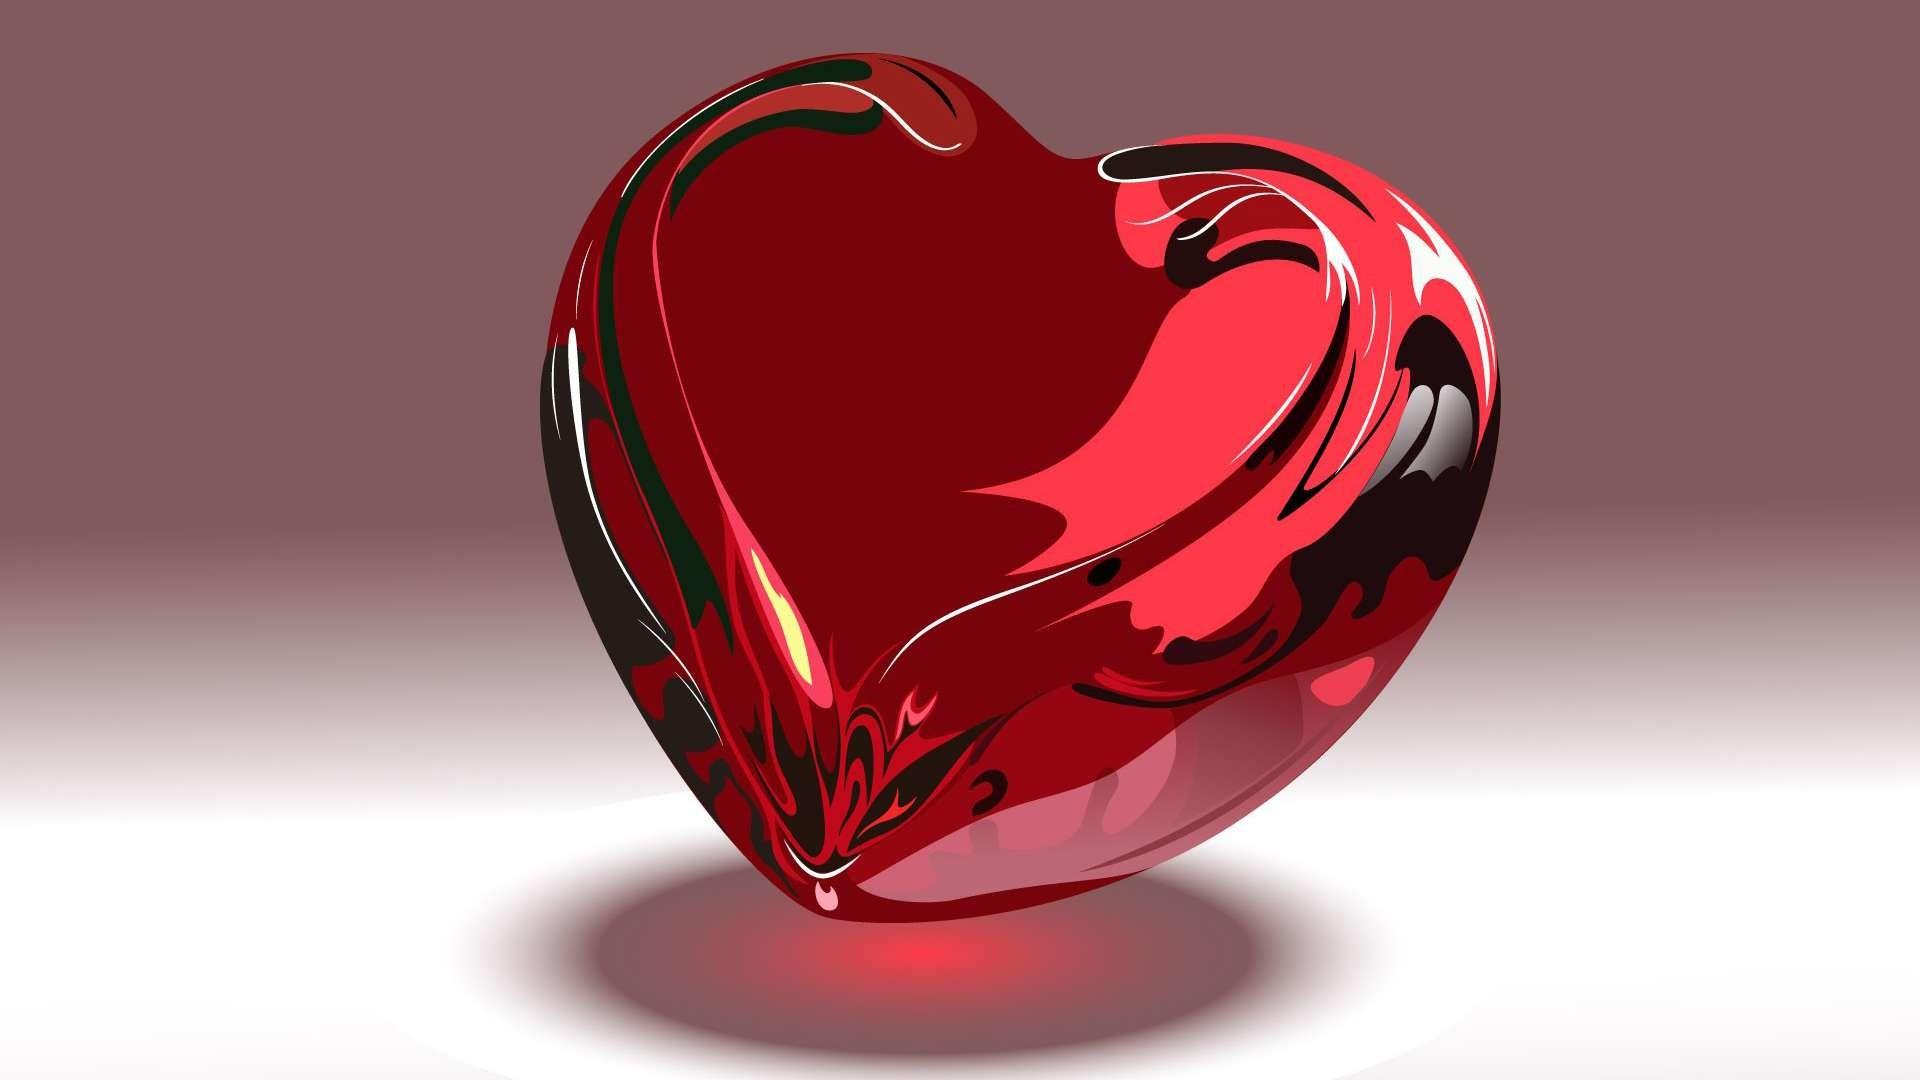 3D Heart 3D Heart HD Wallpaper